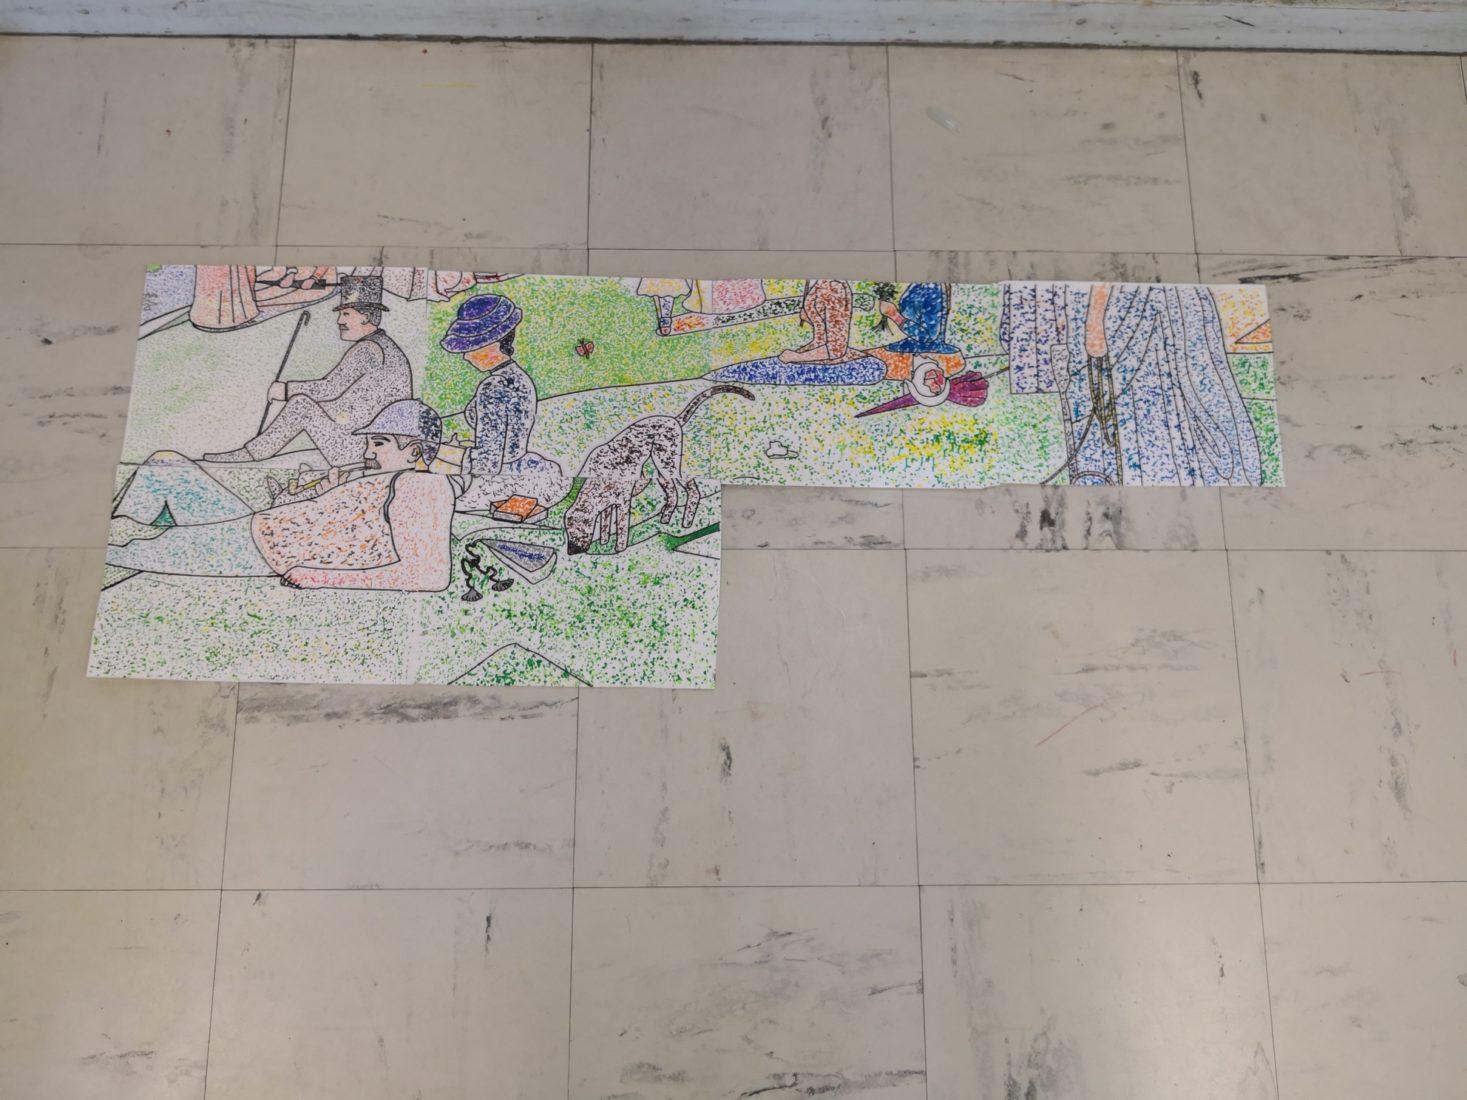 CE1: Oeuvre collective à la manière de Georges Seurat